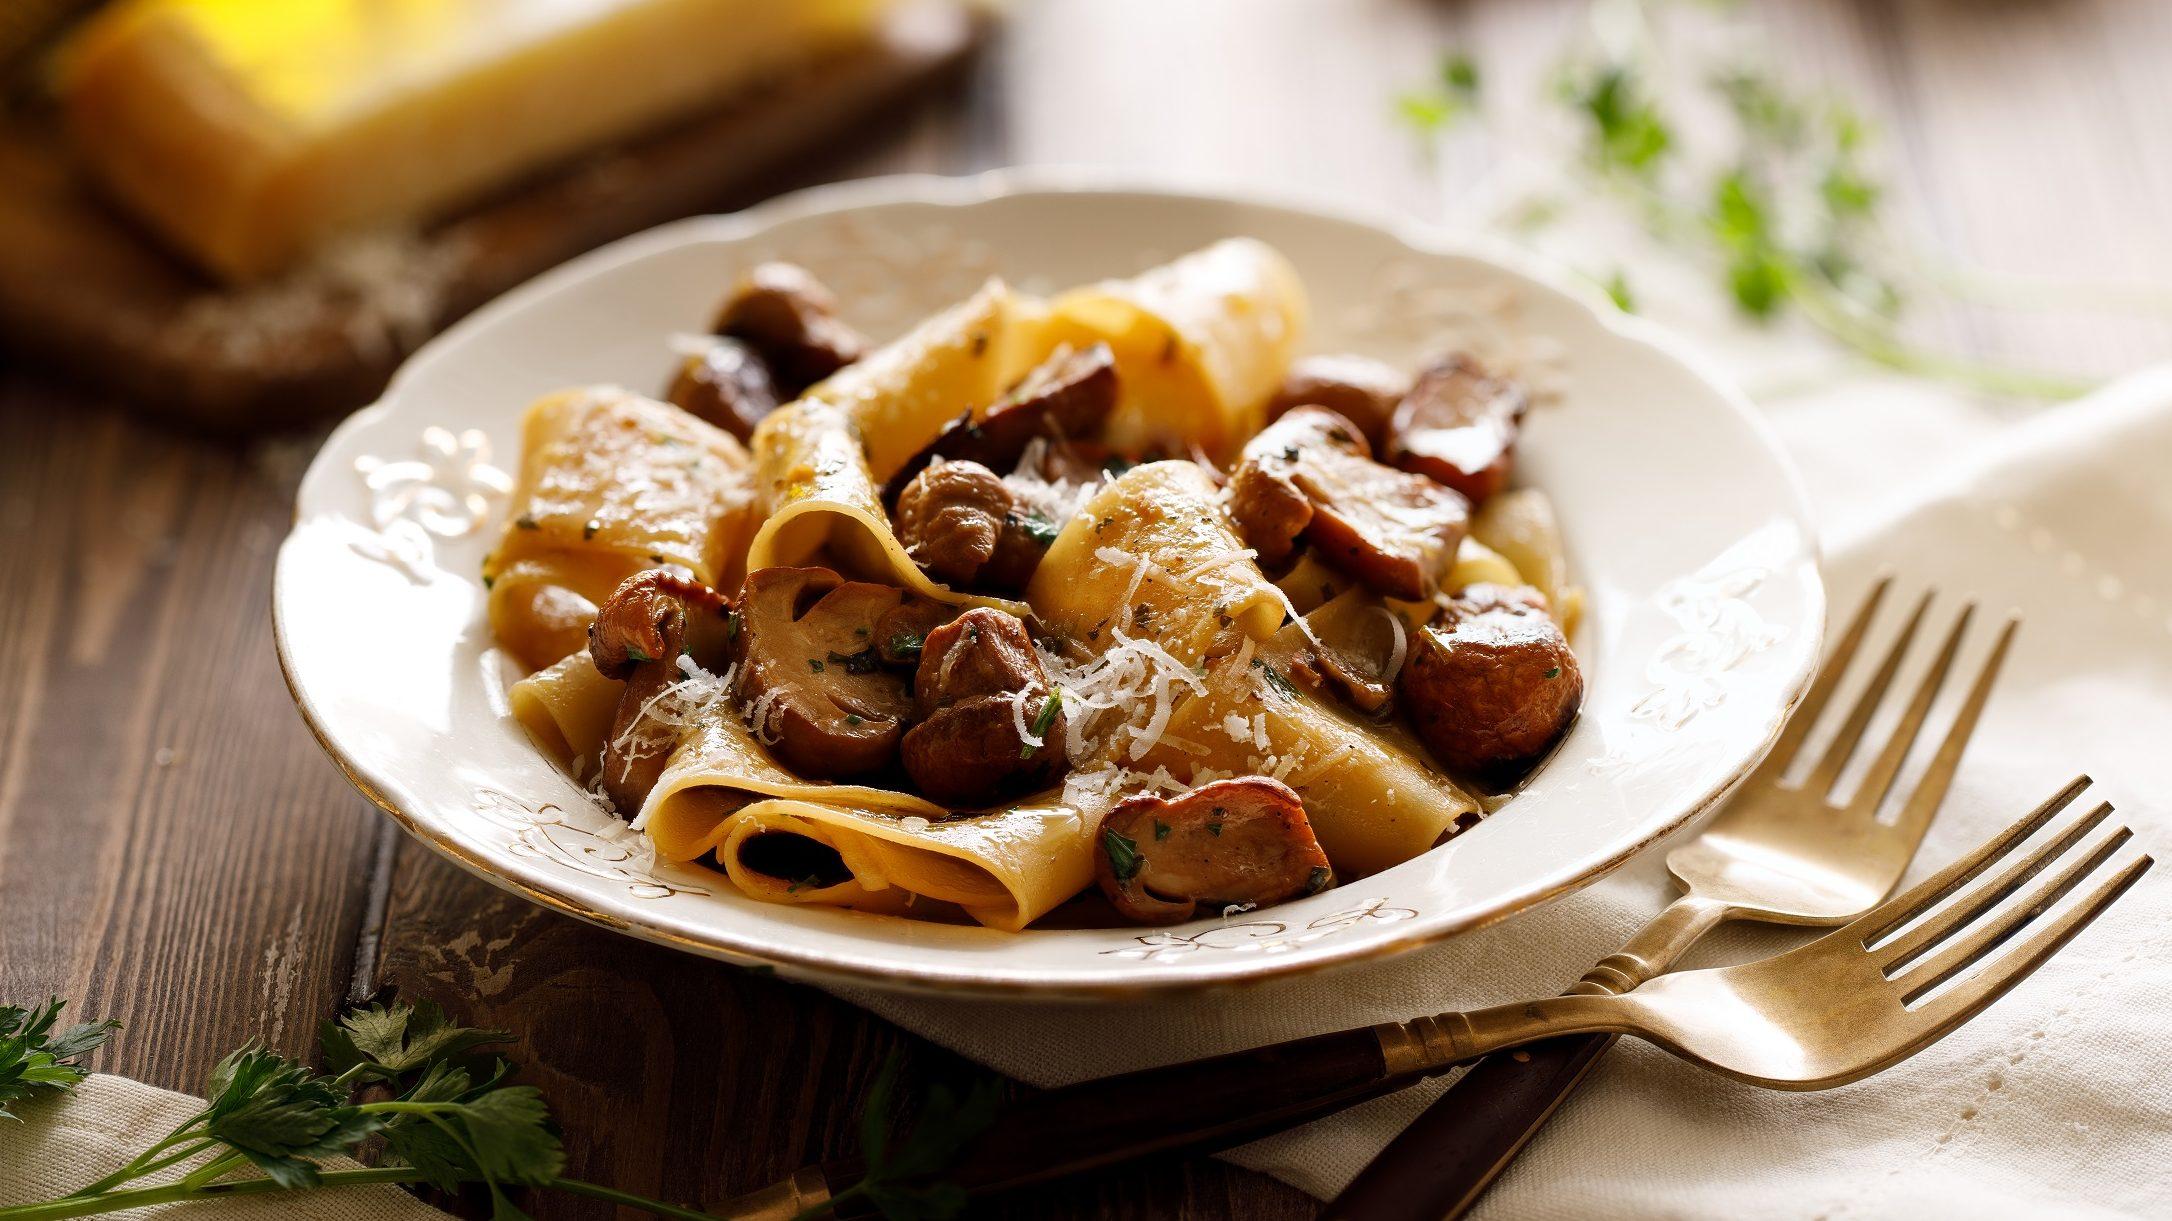 Auf einem rustikalem Holztisch steht ein weißer Teller mit Pappardelle mit Kraeutern und Pilzen.